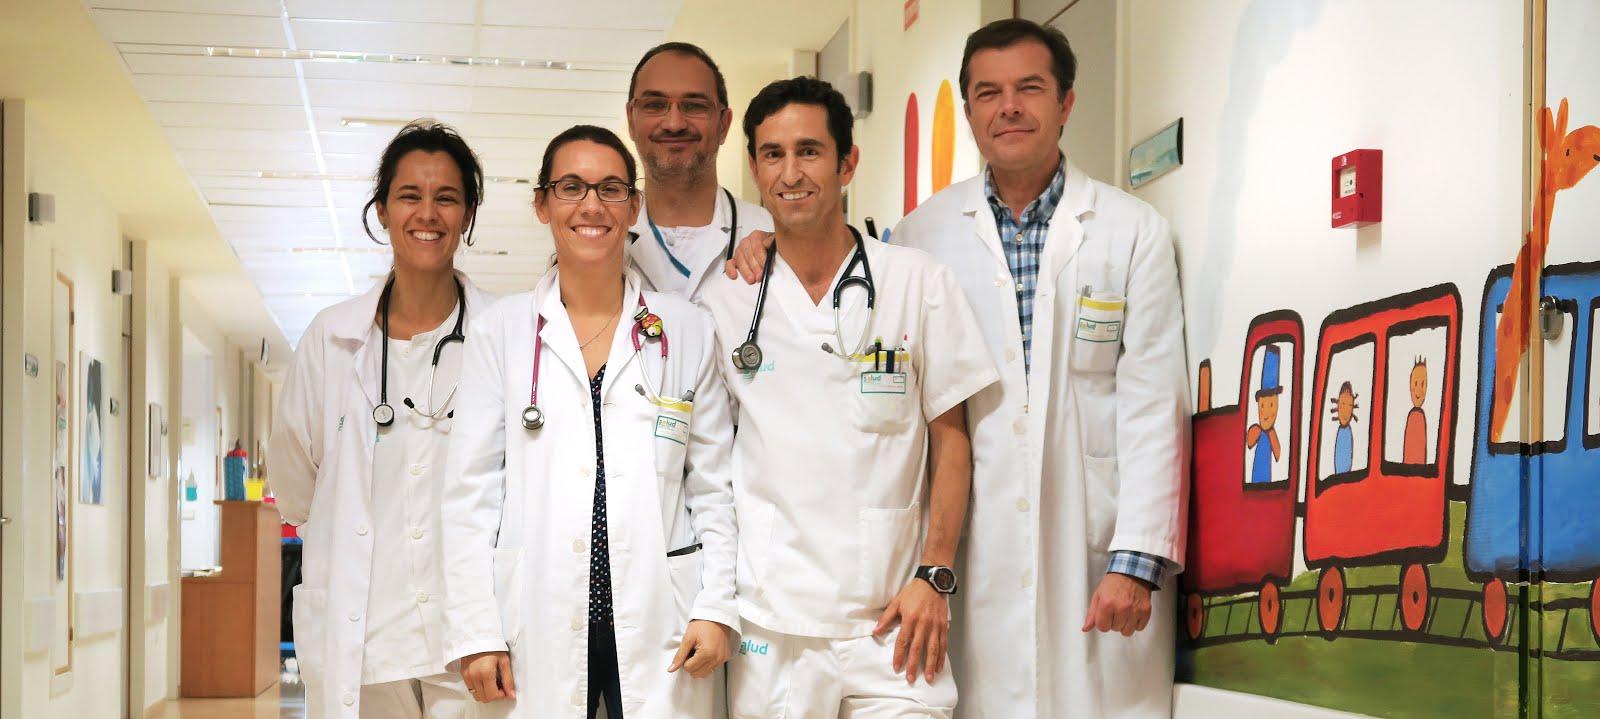 EQUIPO DE PEDIATRÍA DEL HOSPITAL DE BARBASTRO (Iniciativa Hospital Amigo de los Niños)